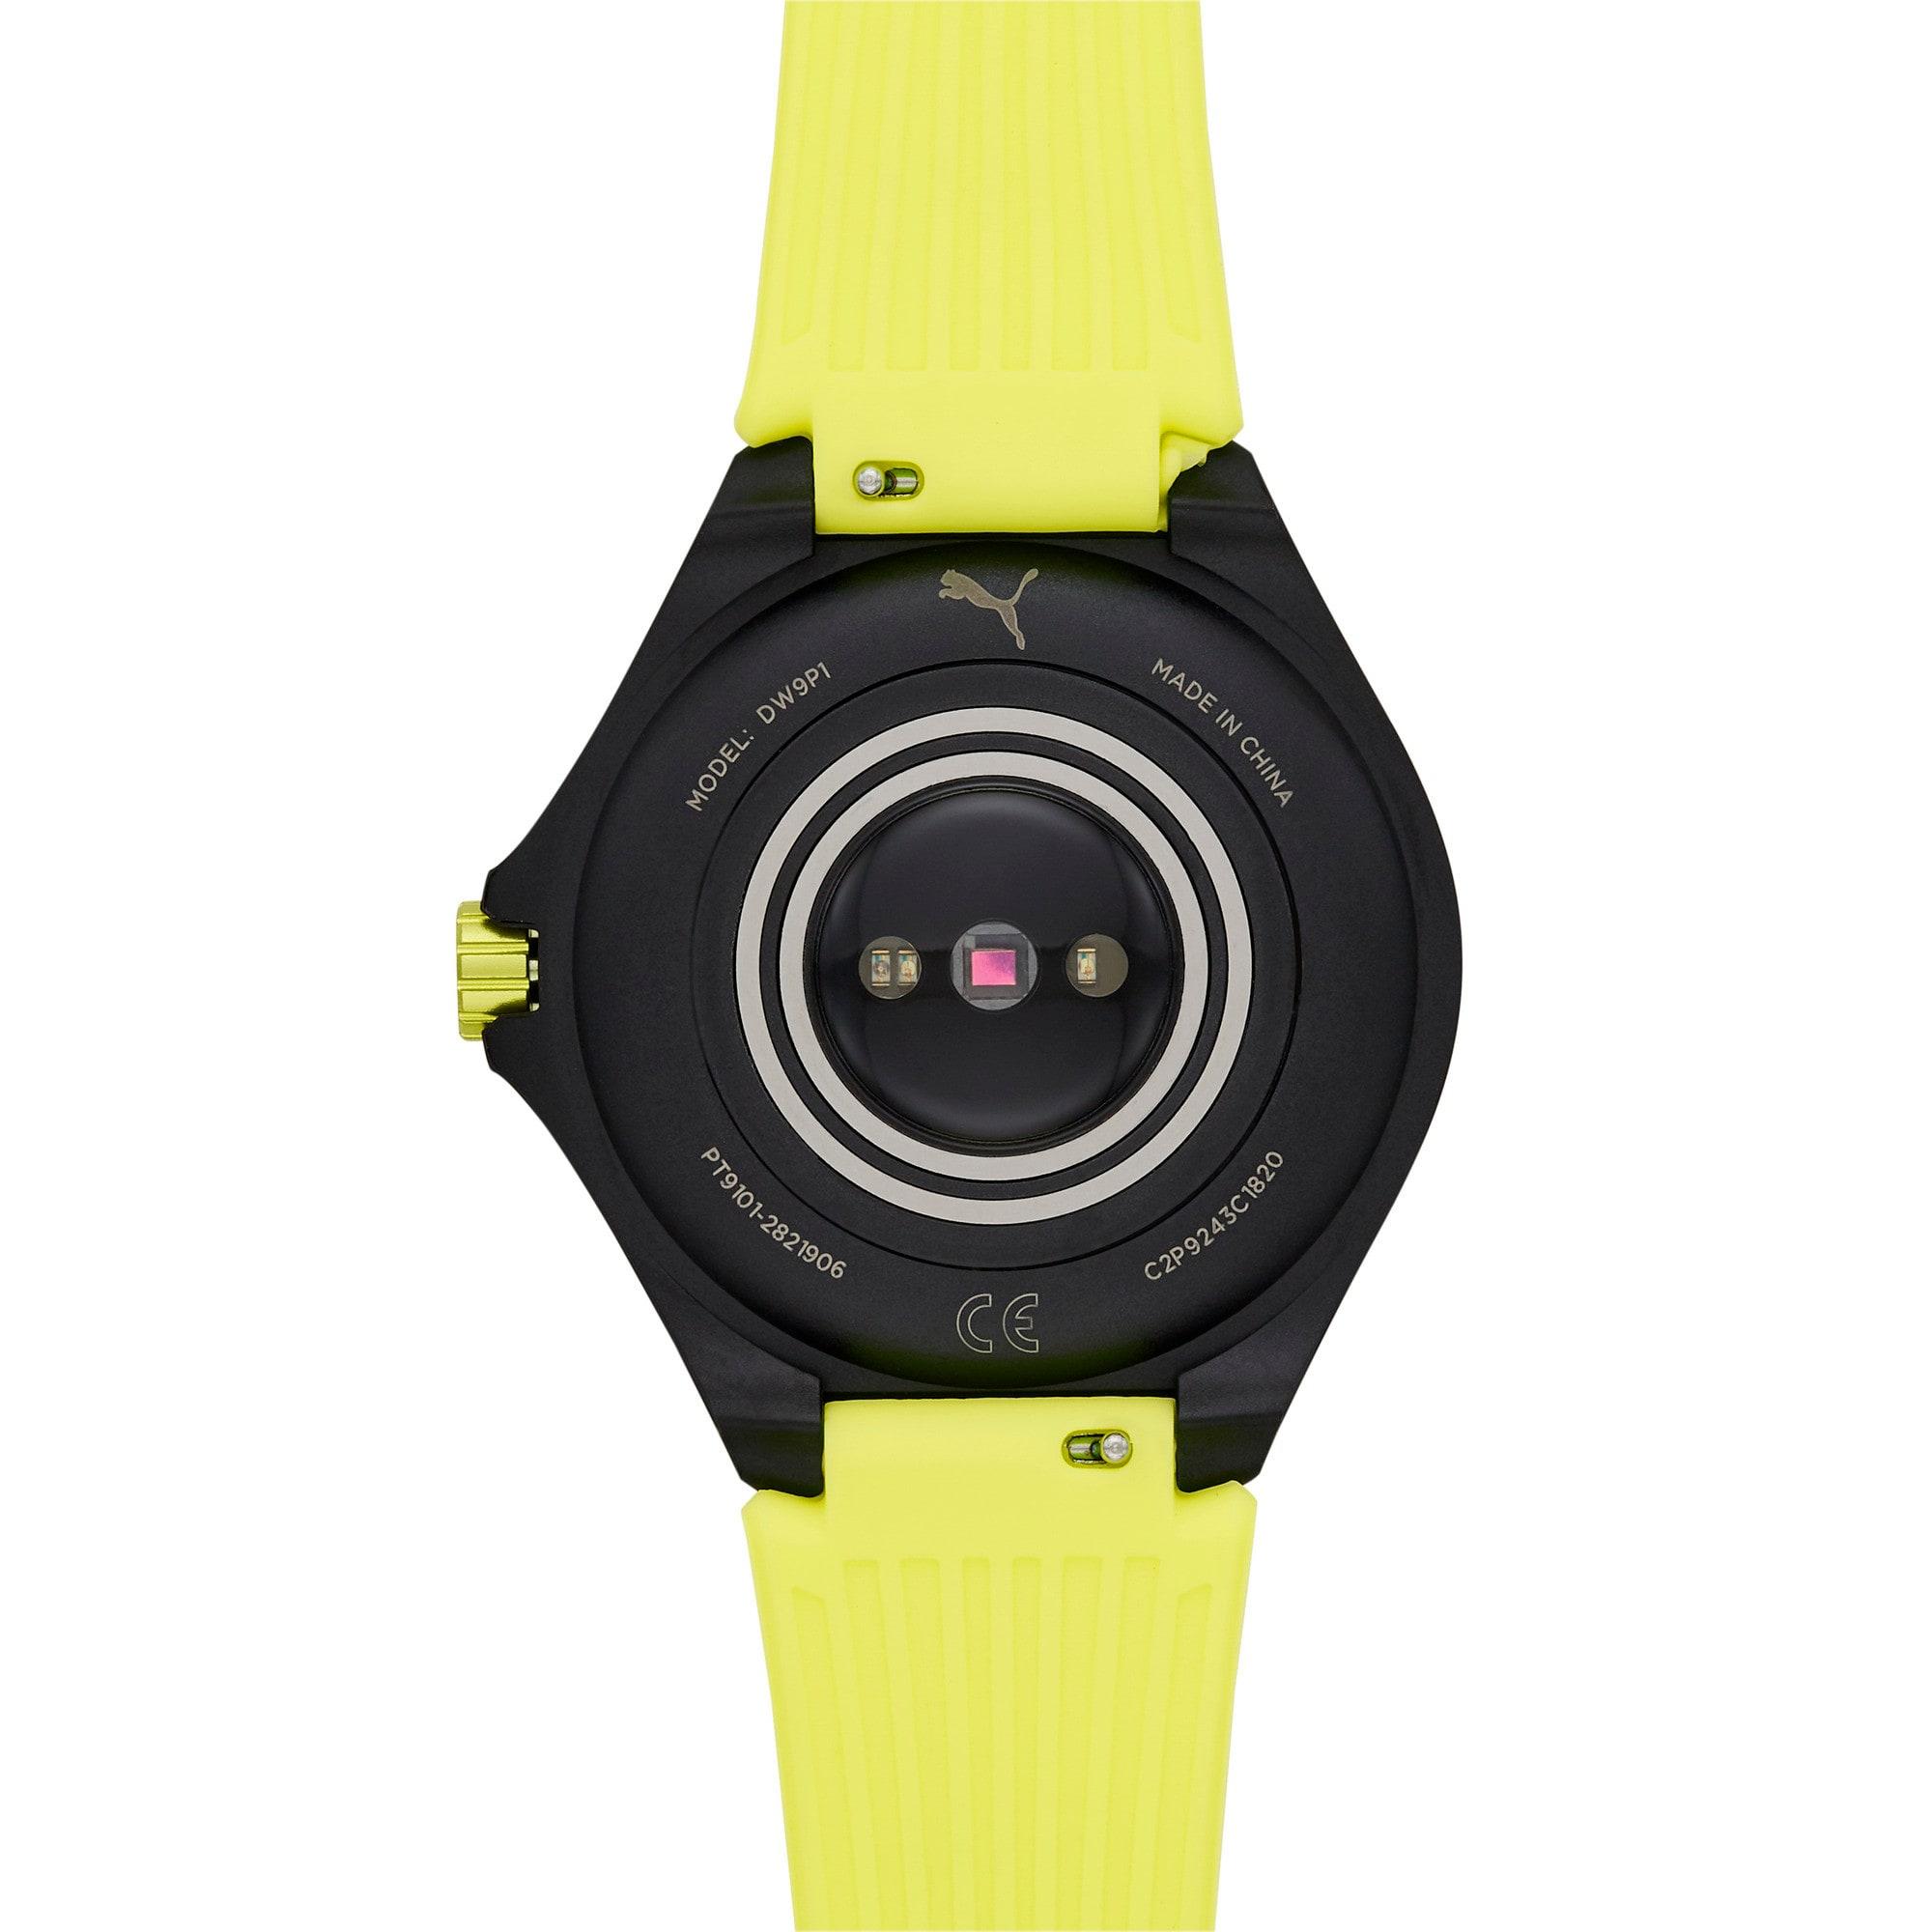 Thumbnail 5 of ユニセックス プーマ ハート レート 44mm スマートウォッチ 時計, Yellow/Black, medium-JPN